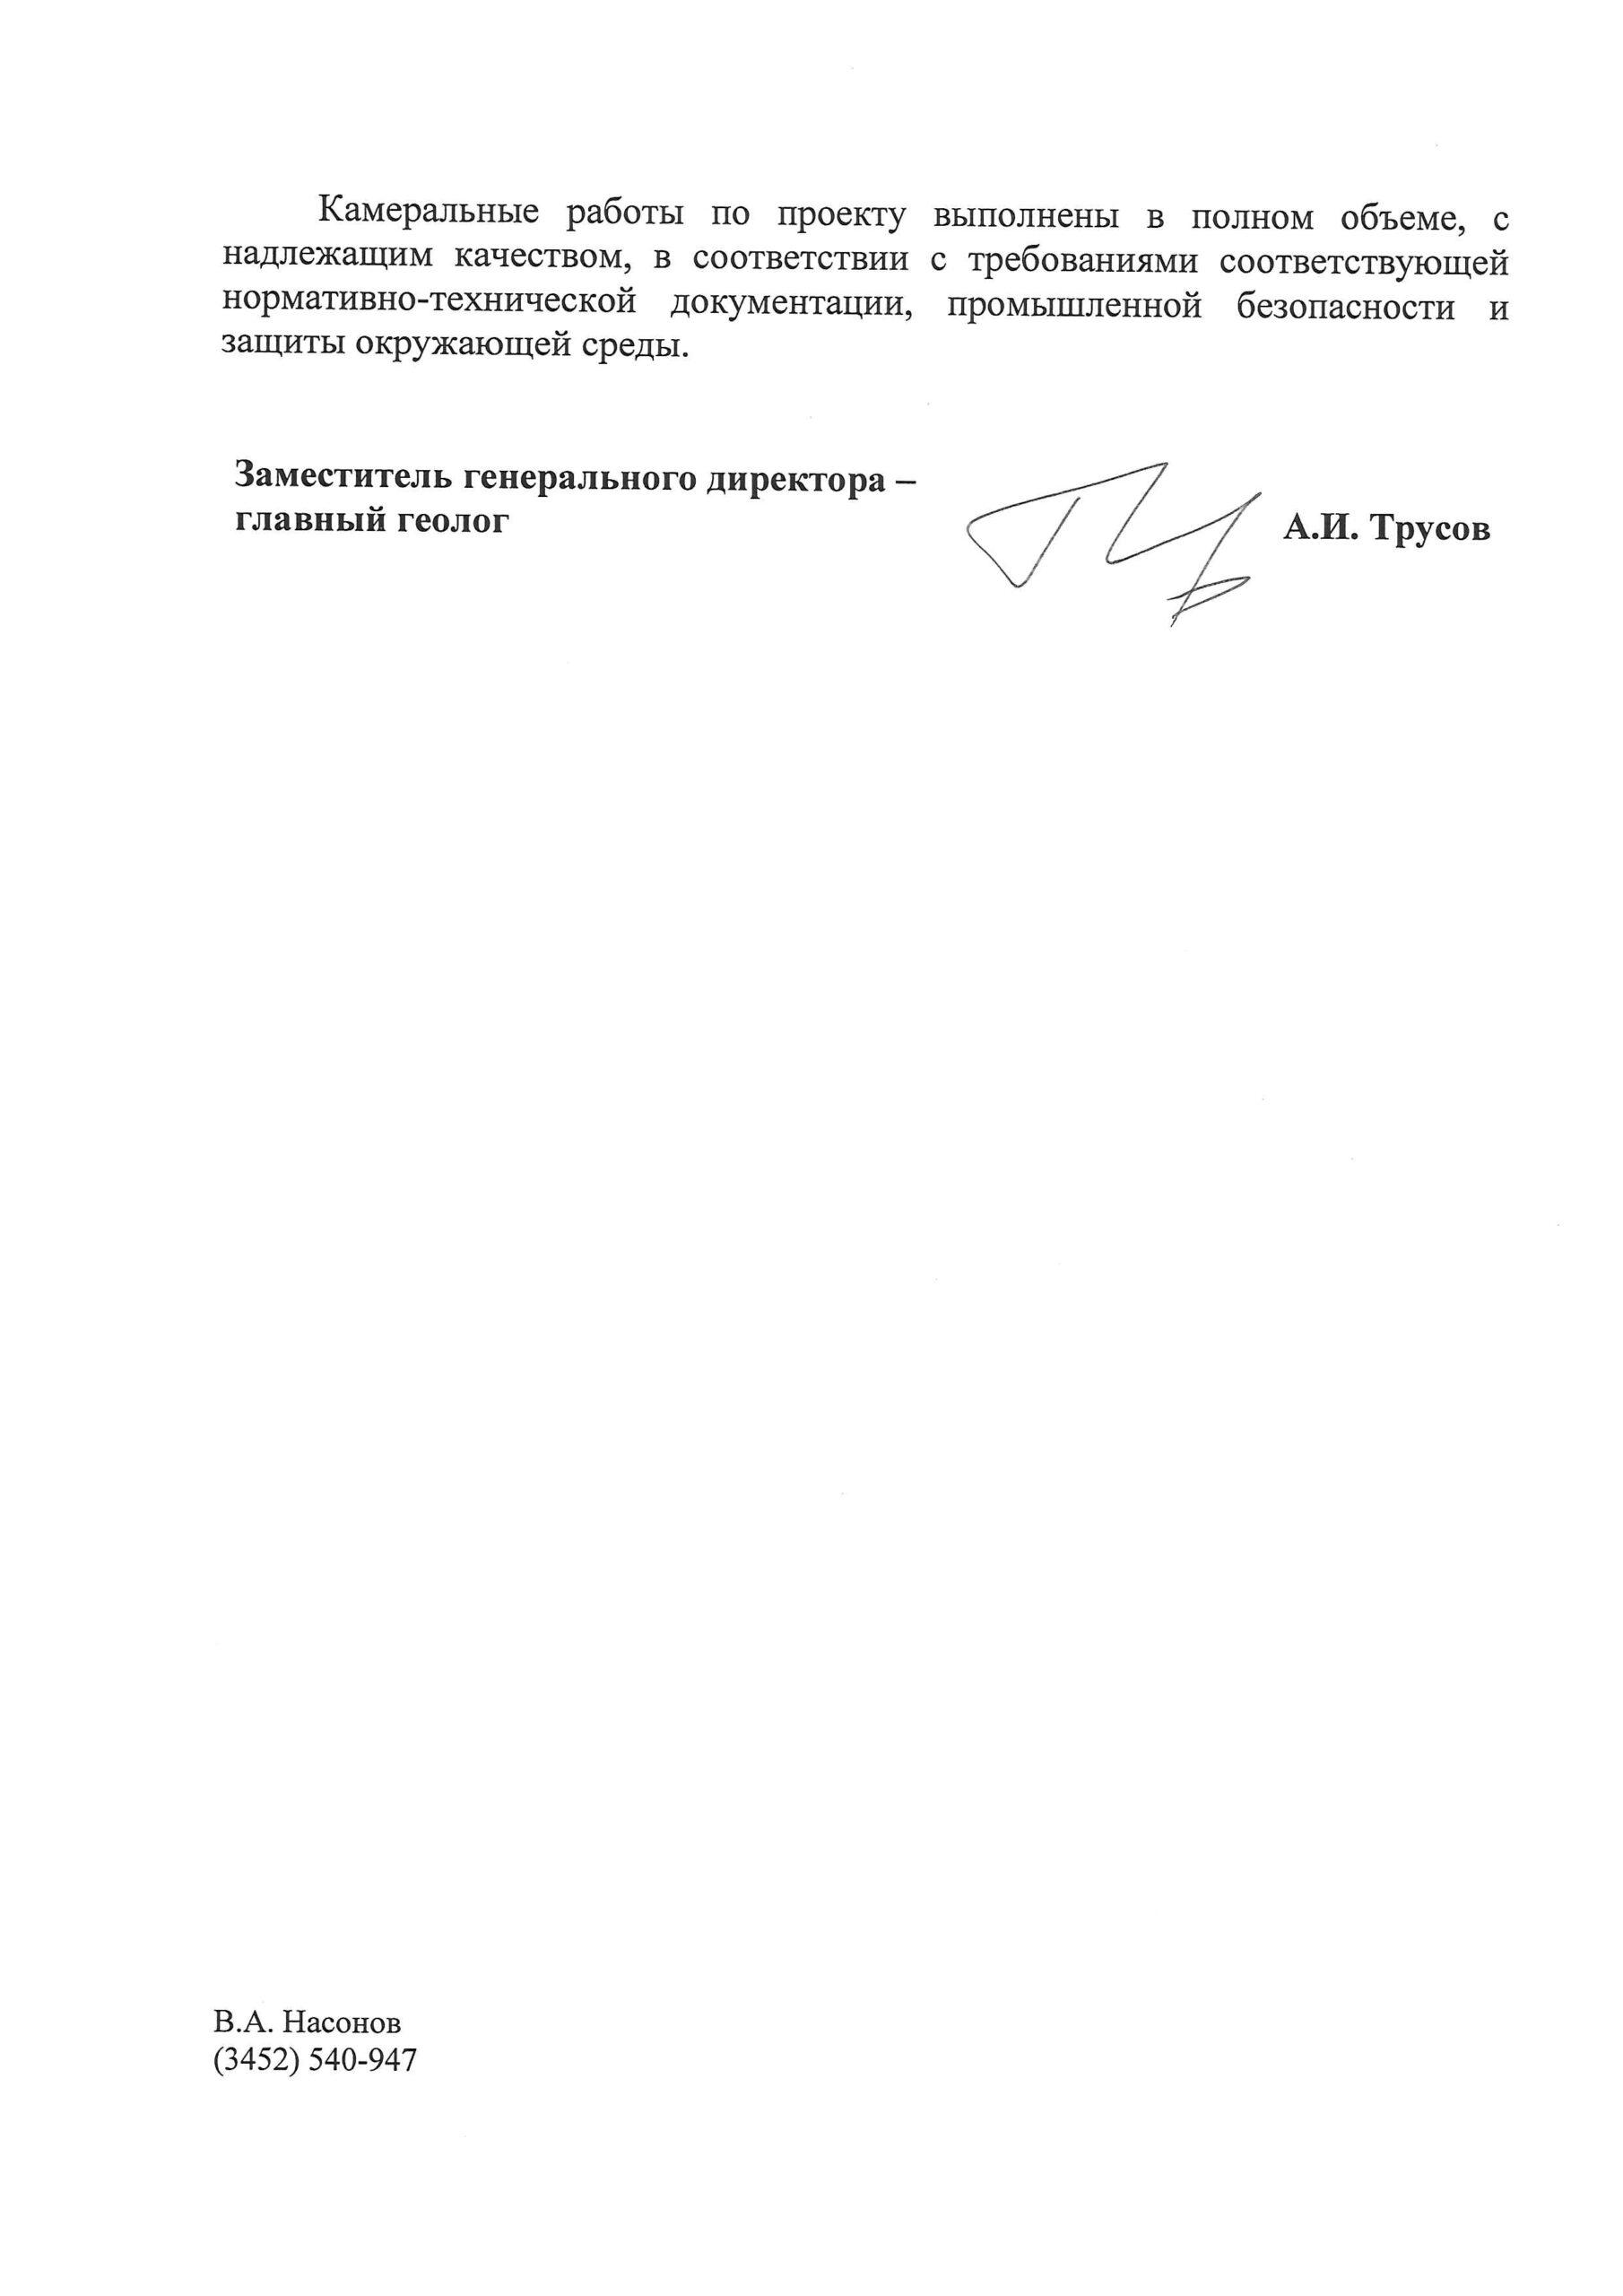 Письмо исх № 8553 от 06.07.2021-1_Страница_2